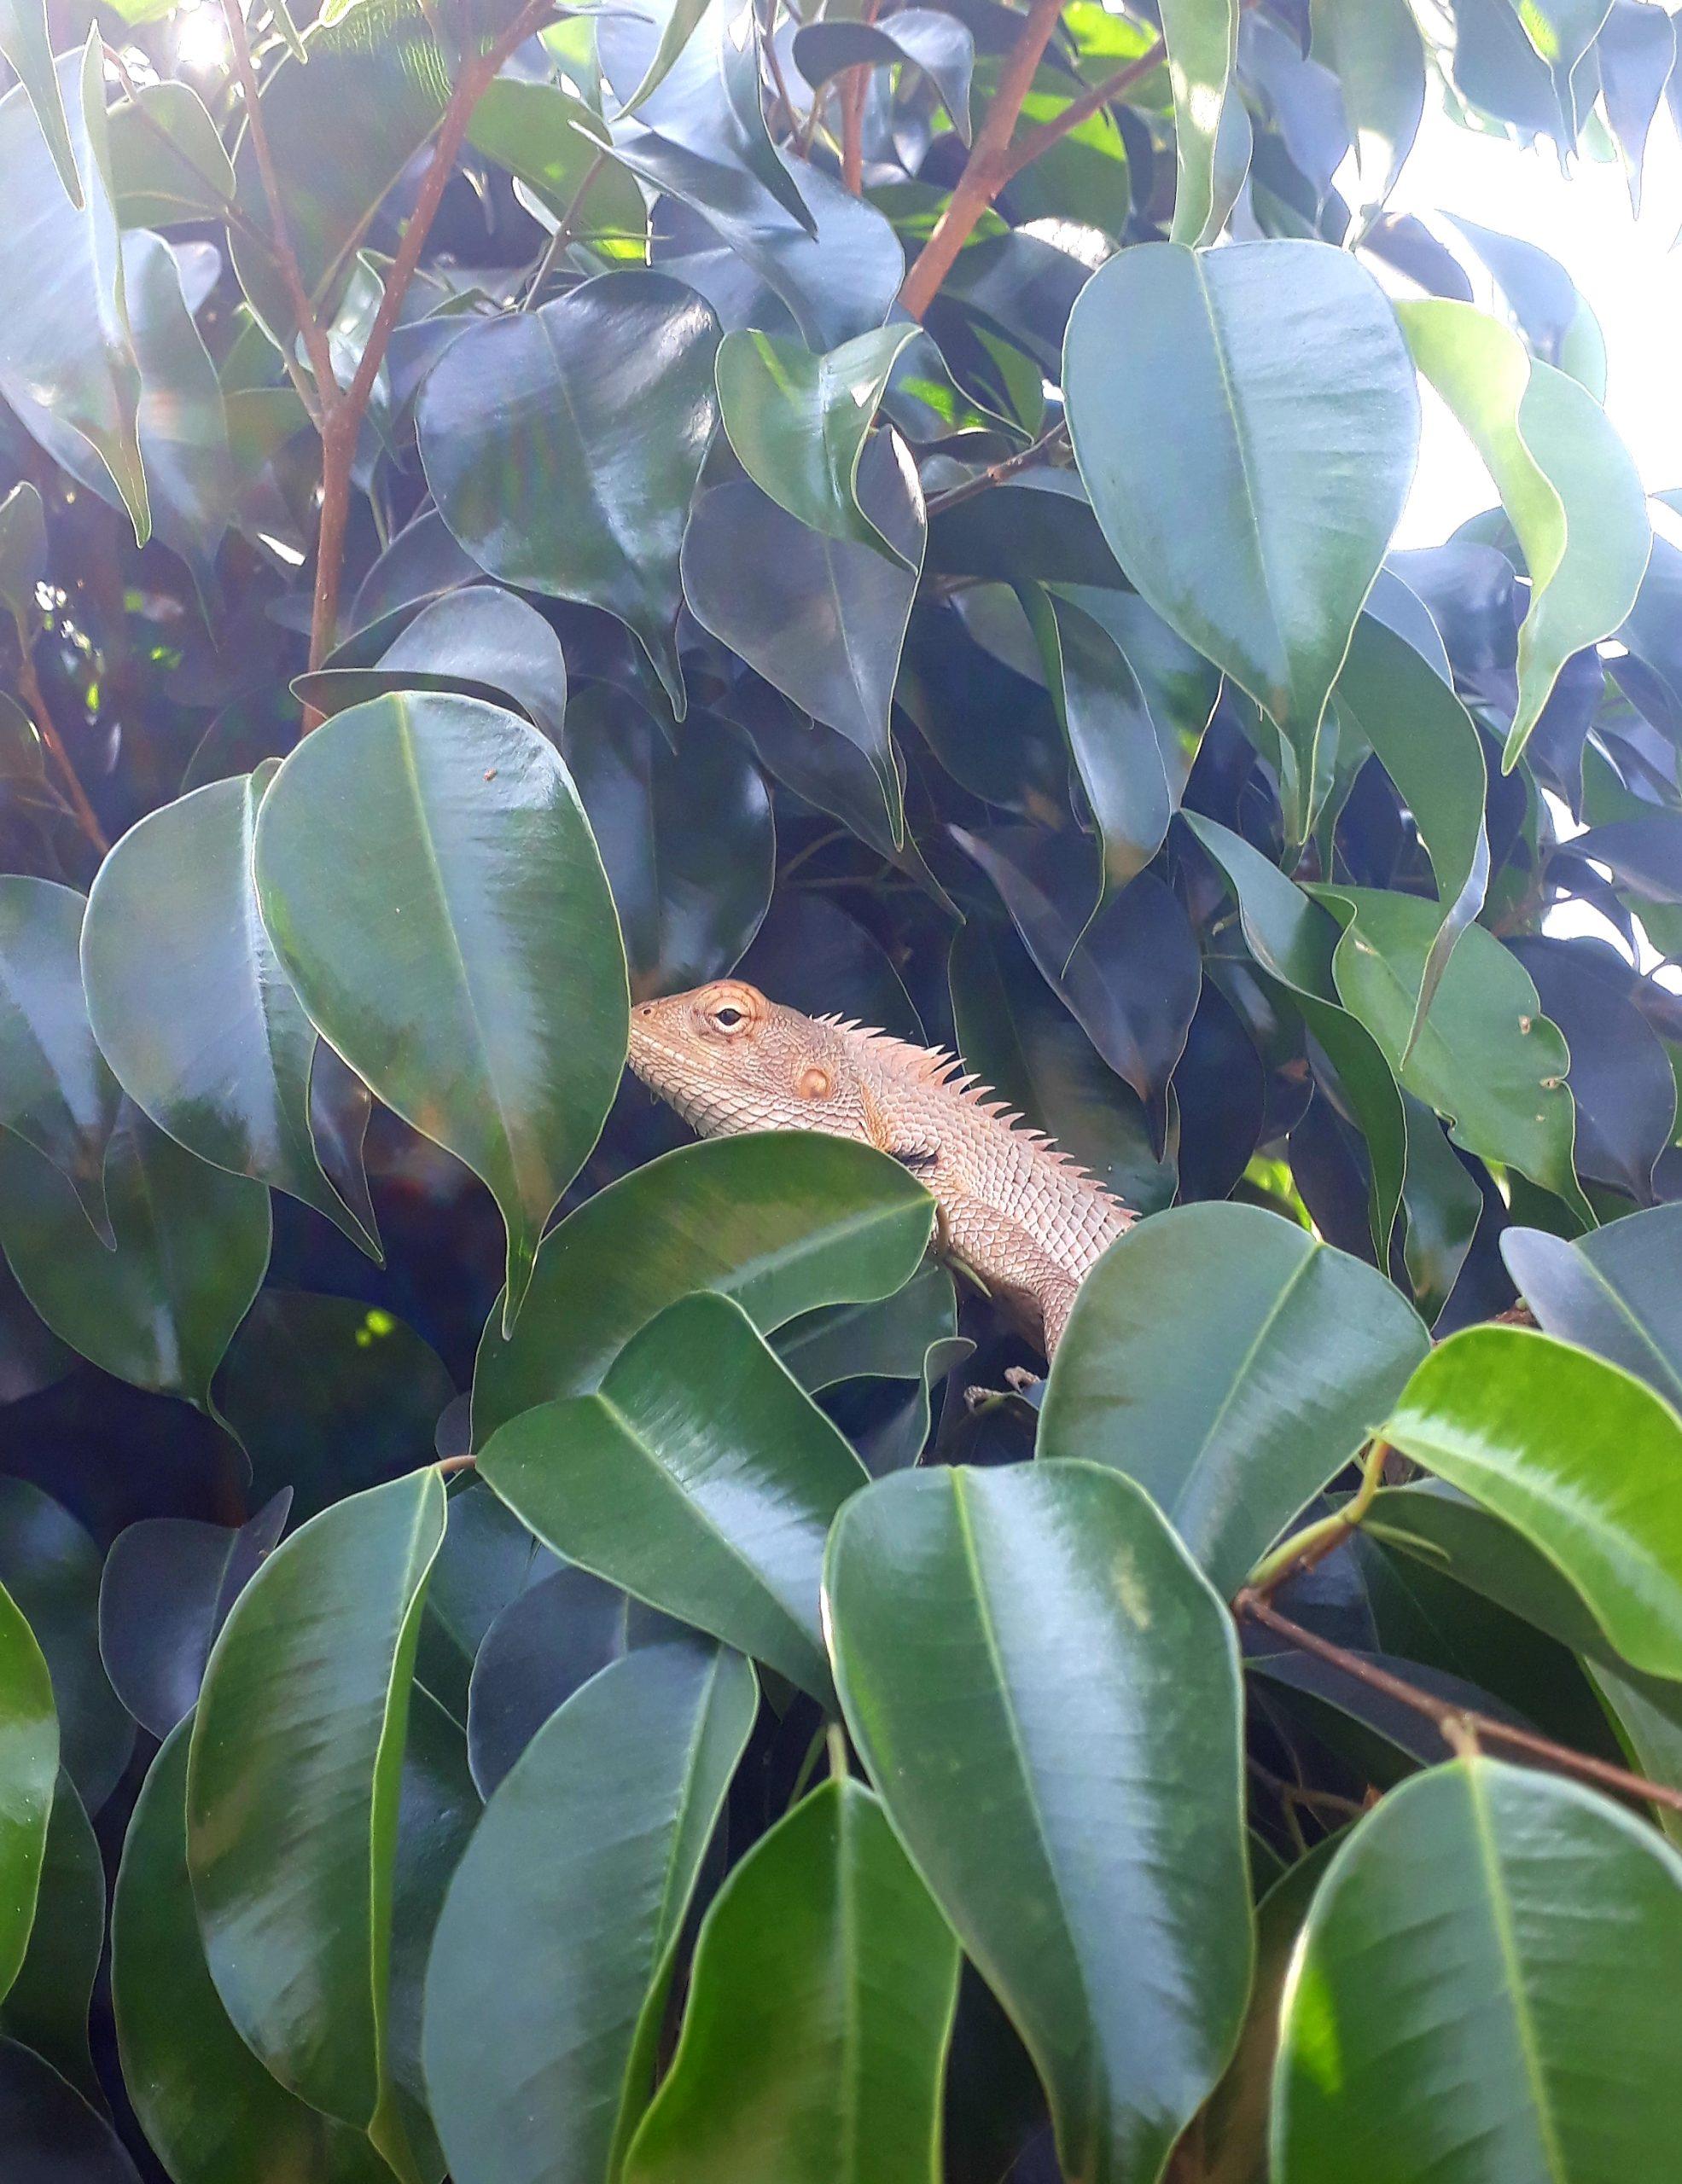 A garden lizard in a plant leaves